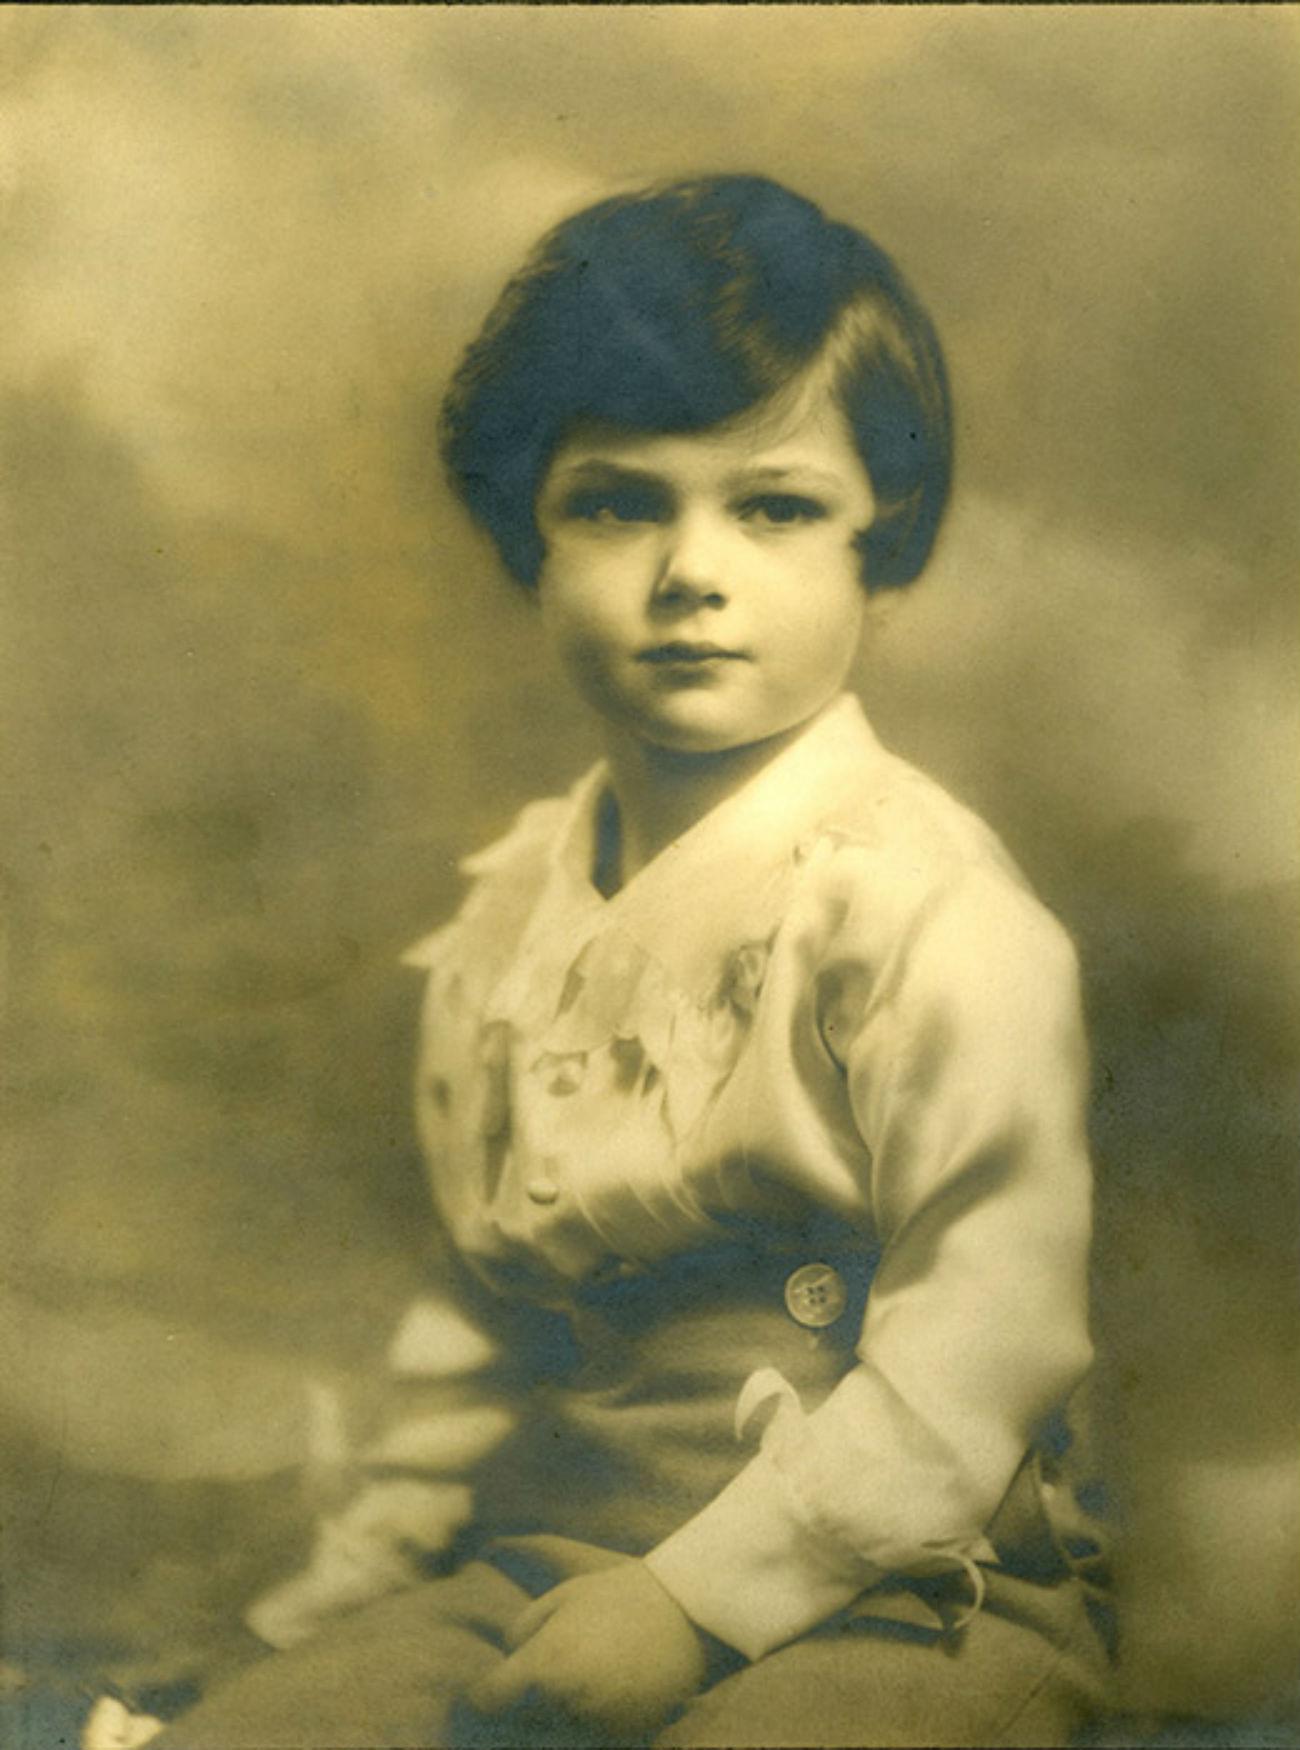 Leur fils unique, Paul, est né en 1928 à Londres. À l'âge de 10 ans, lorsque ses parents ont divorcé, il est parti vivre avec sa mère aux États-Unis. Il a été mobilisé lors de la Guerre de Corée et s'est retiré de l'armée avec le grade de colonel. Photographe célèbre, il a été à trois reprises maire de la ville de Palm Beach (Californie).